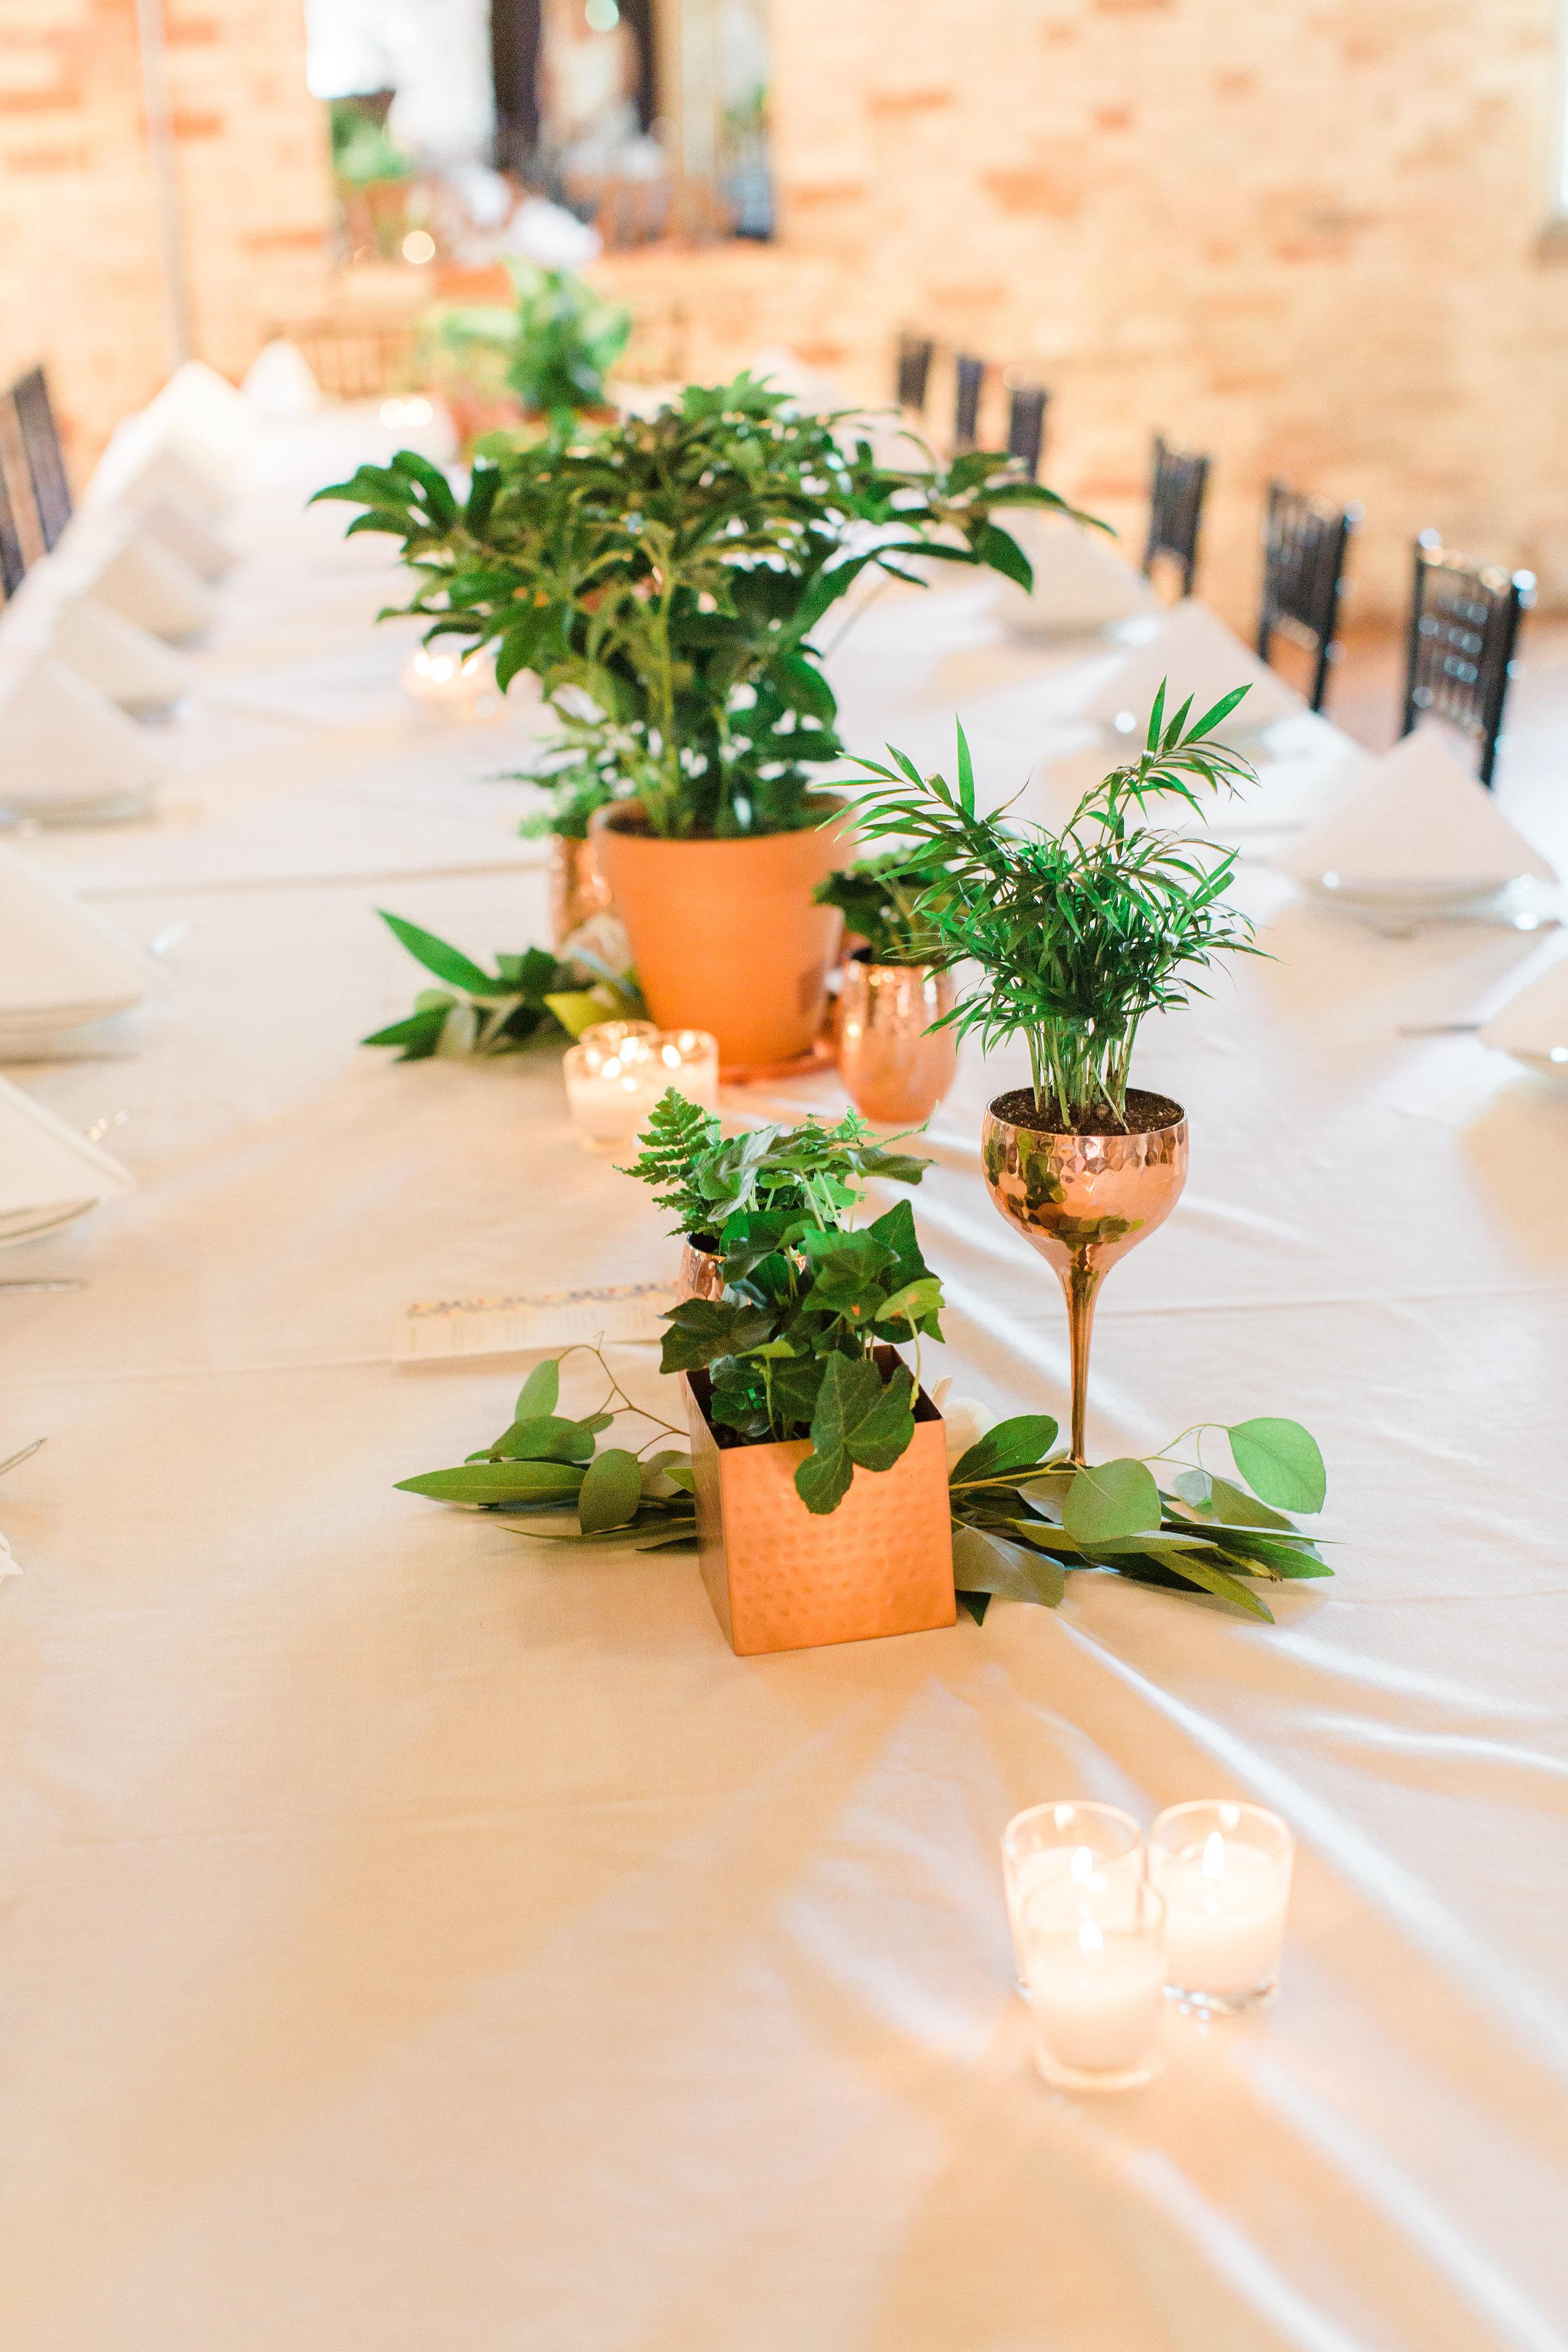 Julius+Wedding+Reception+Details-44.jpg